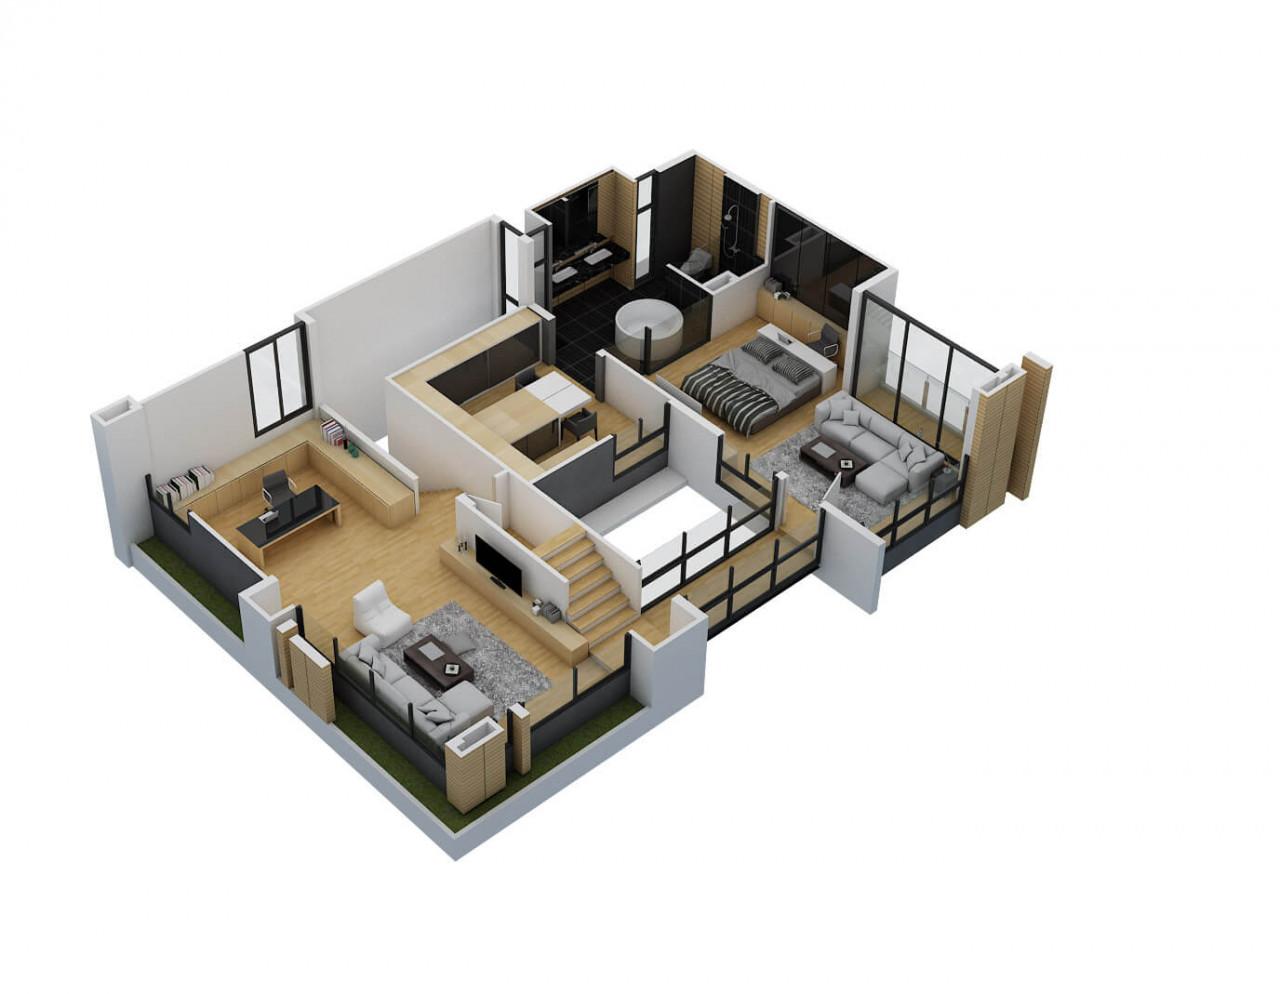 บ้านเดี่ยว บ้านแฝด ทาวน์โฮม ทาวน์เฮ้าส์ Nirvana BEYOND ศรีนครินทร์ รีวิว พรีวิว ที่ตั้ง ทำเล การเดินทาง บ้านพร้อมอยู่ บ้านใหม่ บ้านราคาถูก